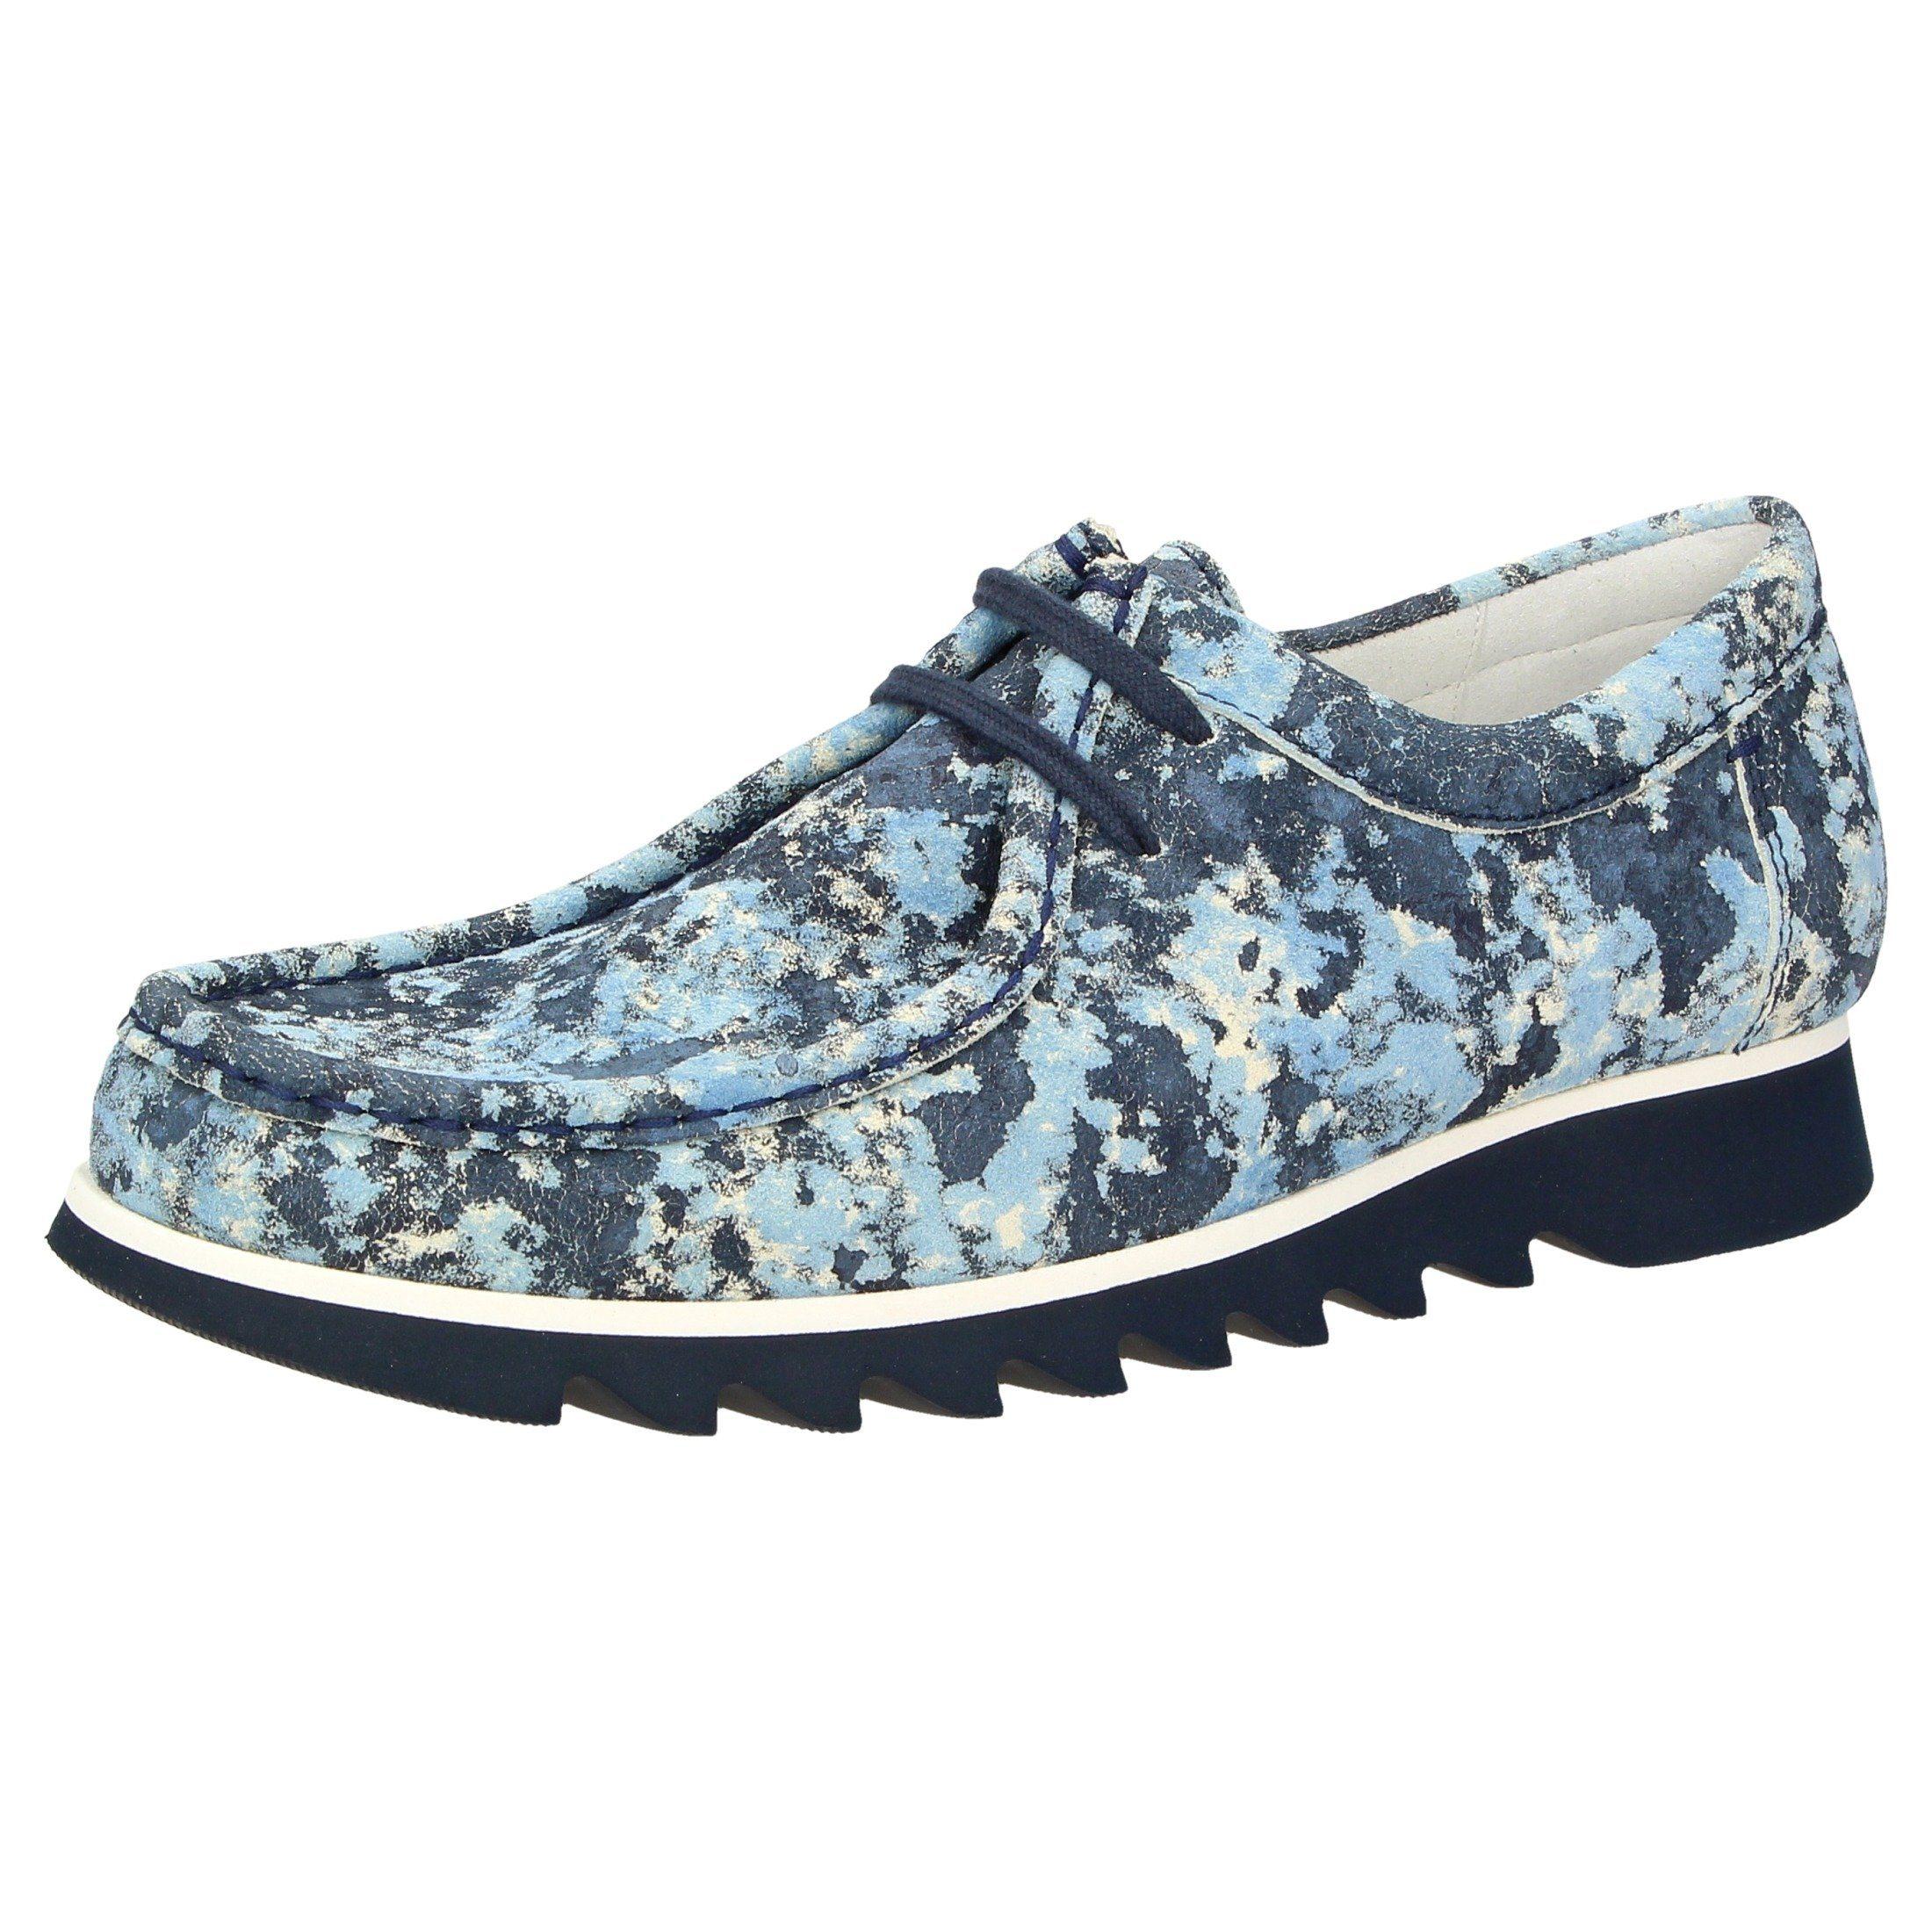 Grashopper Grash-H172-21 Schnürschuh kaufen  blau